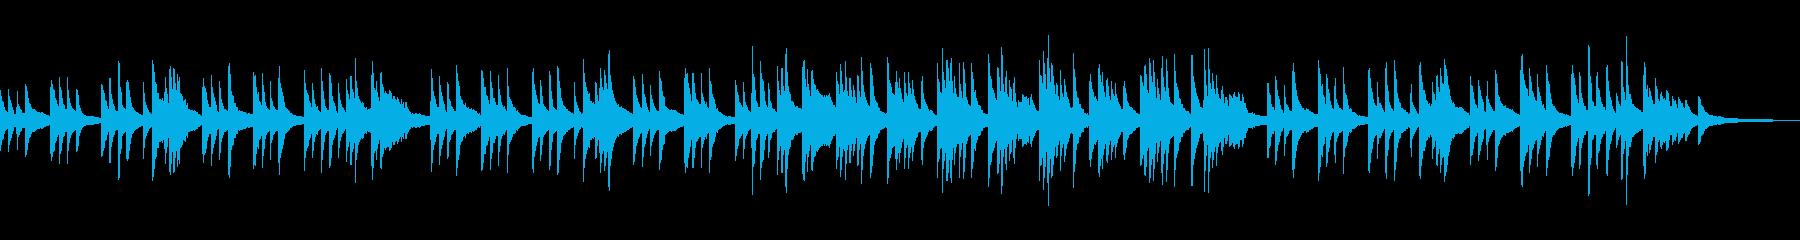 やさしい あたたかい場面のピアノソロ 1の再生済みの波形